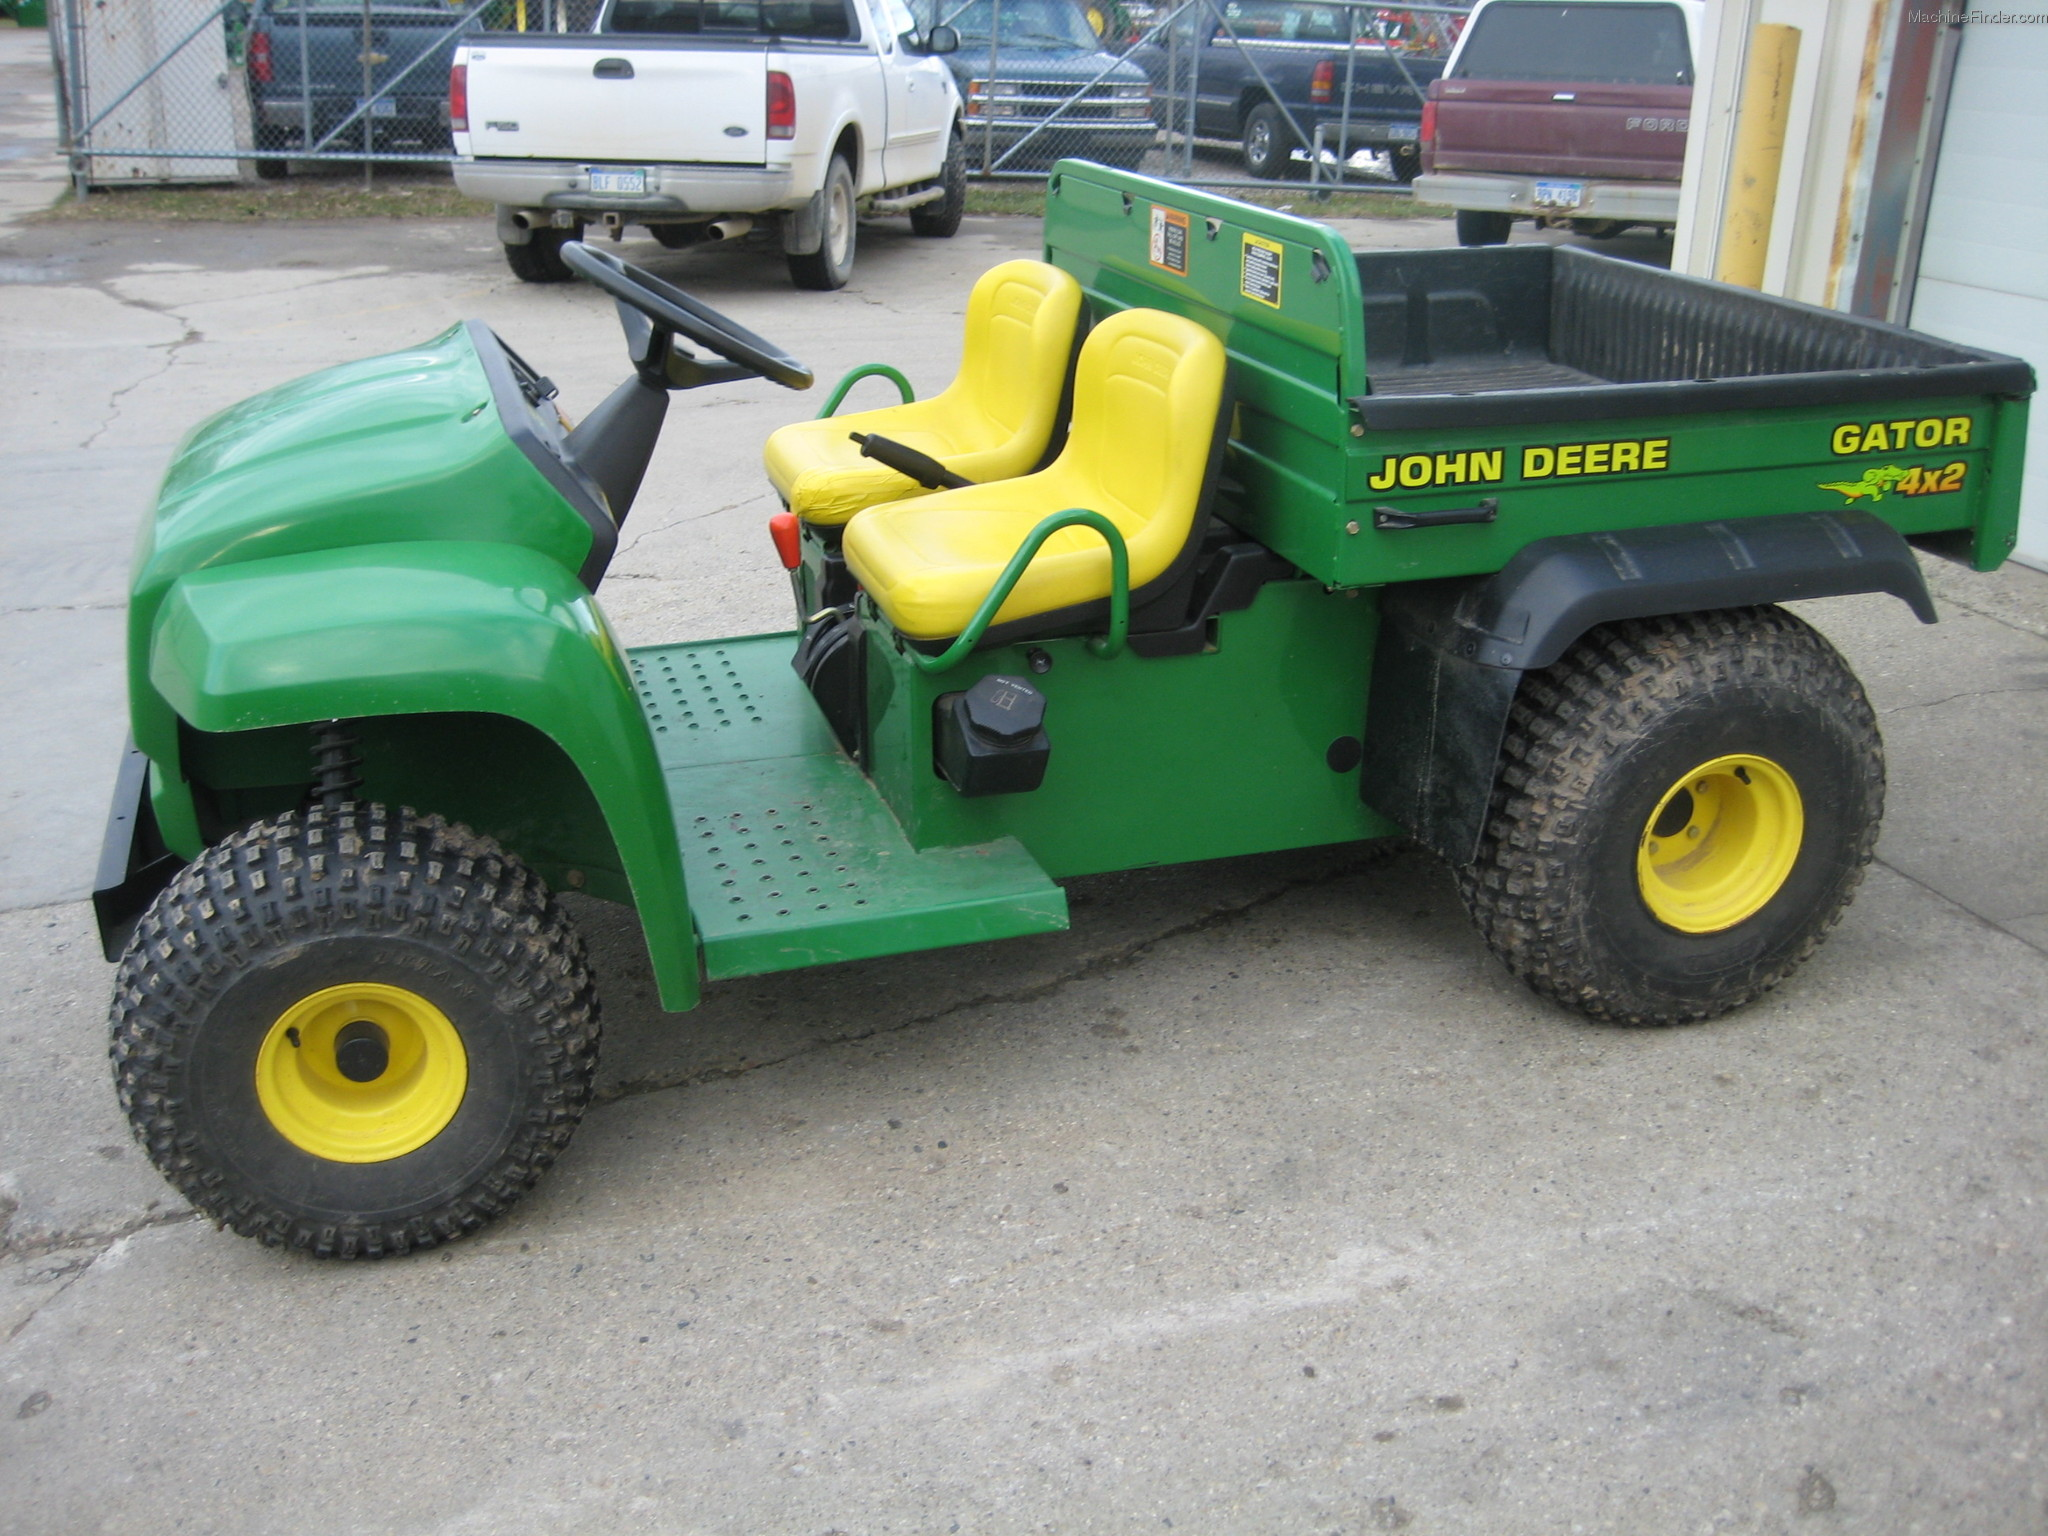 2000 John Deere 4x2 Atv 39 S And Gators John Deere